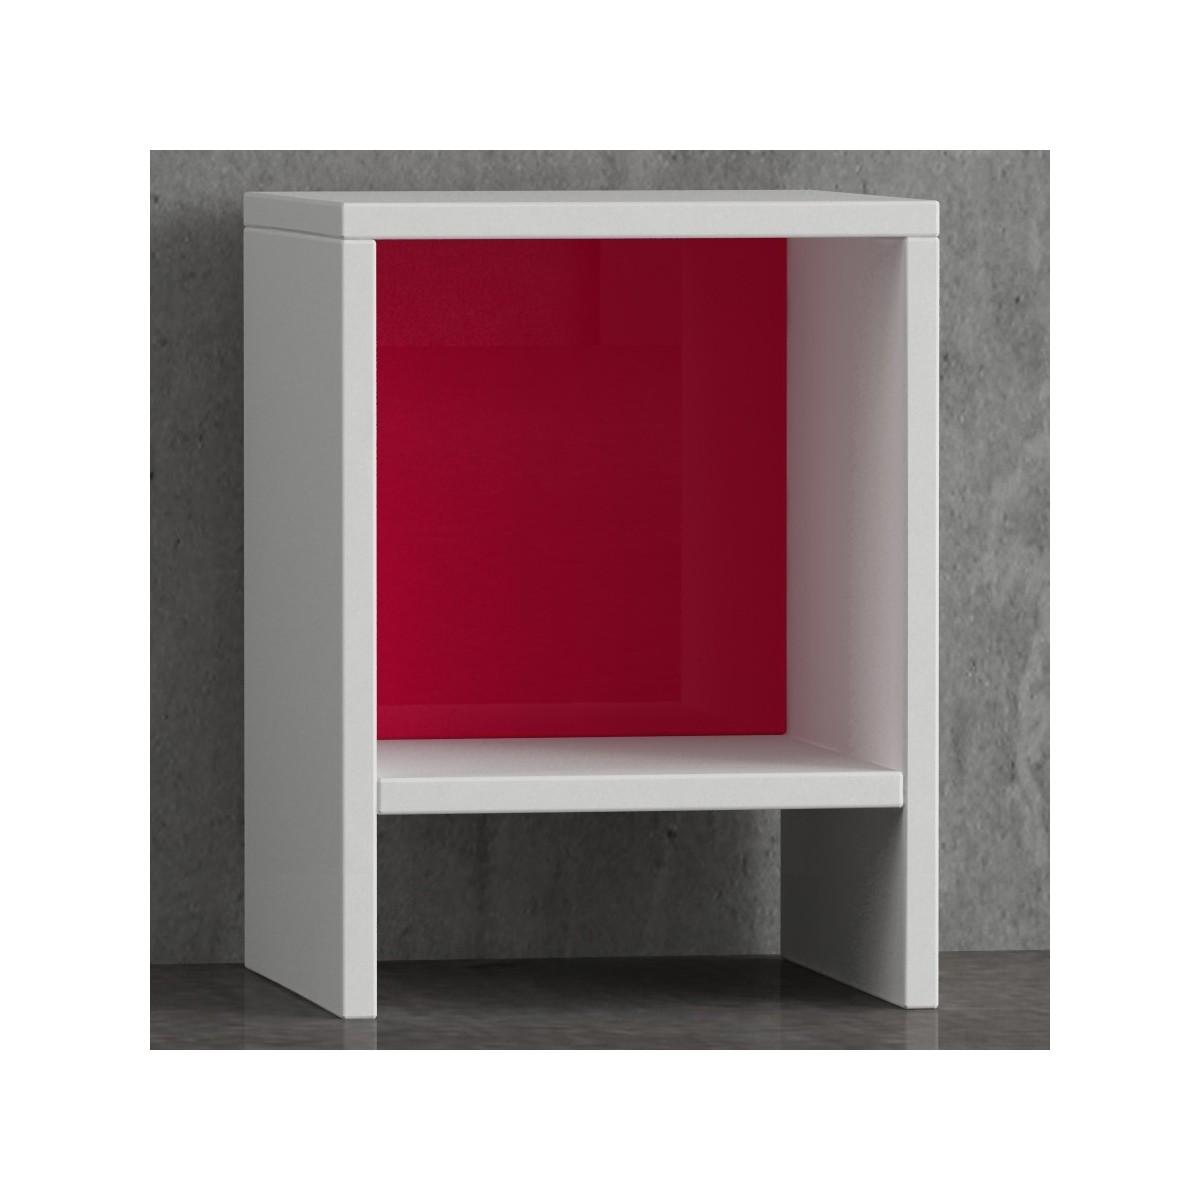 ModularMix cubo per arredamento design moderno colorato